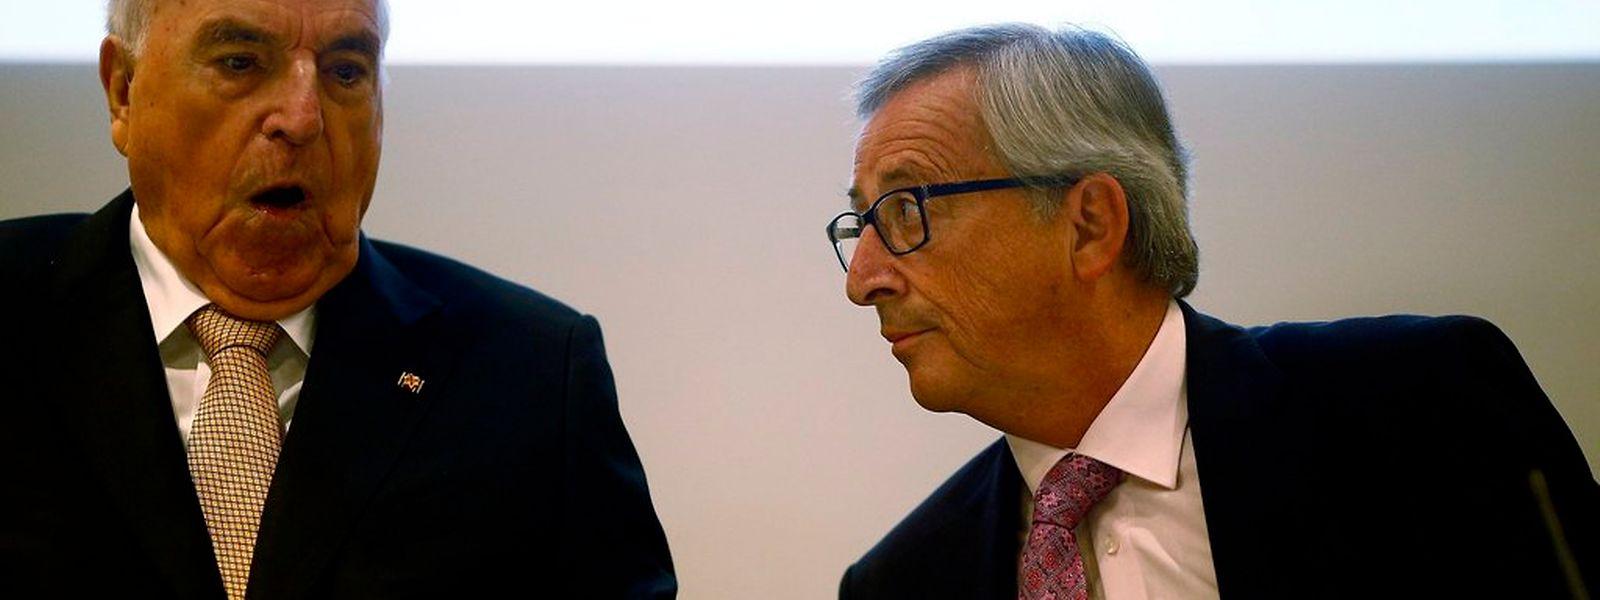 Juncker und Kohl sind immer noch Freunde. In Deutschland hält kaum noch jemand dem Altkanzler die Stange.